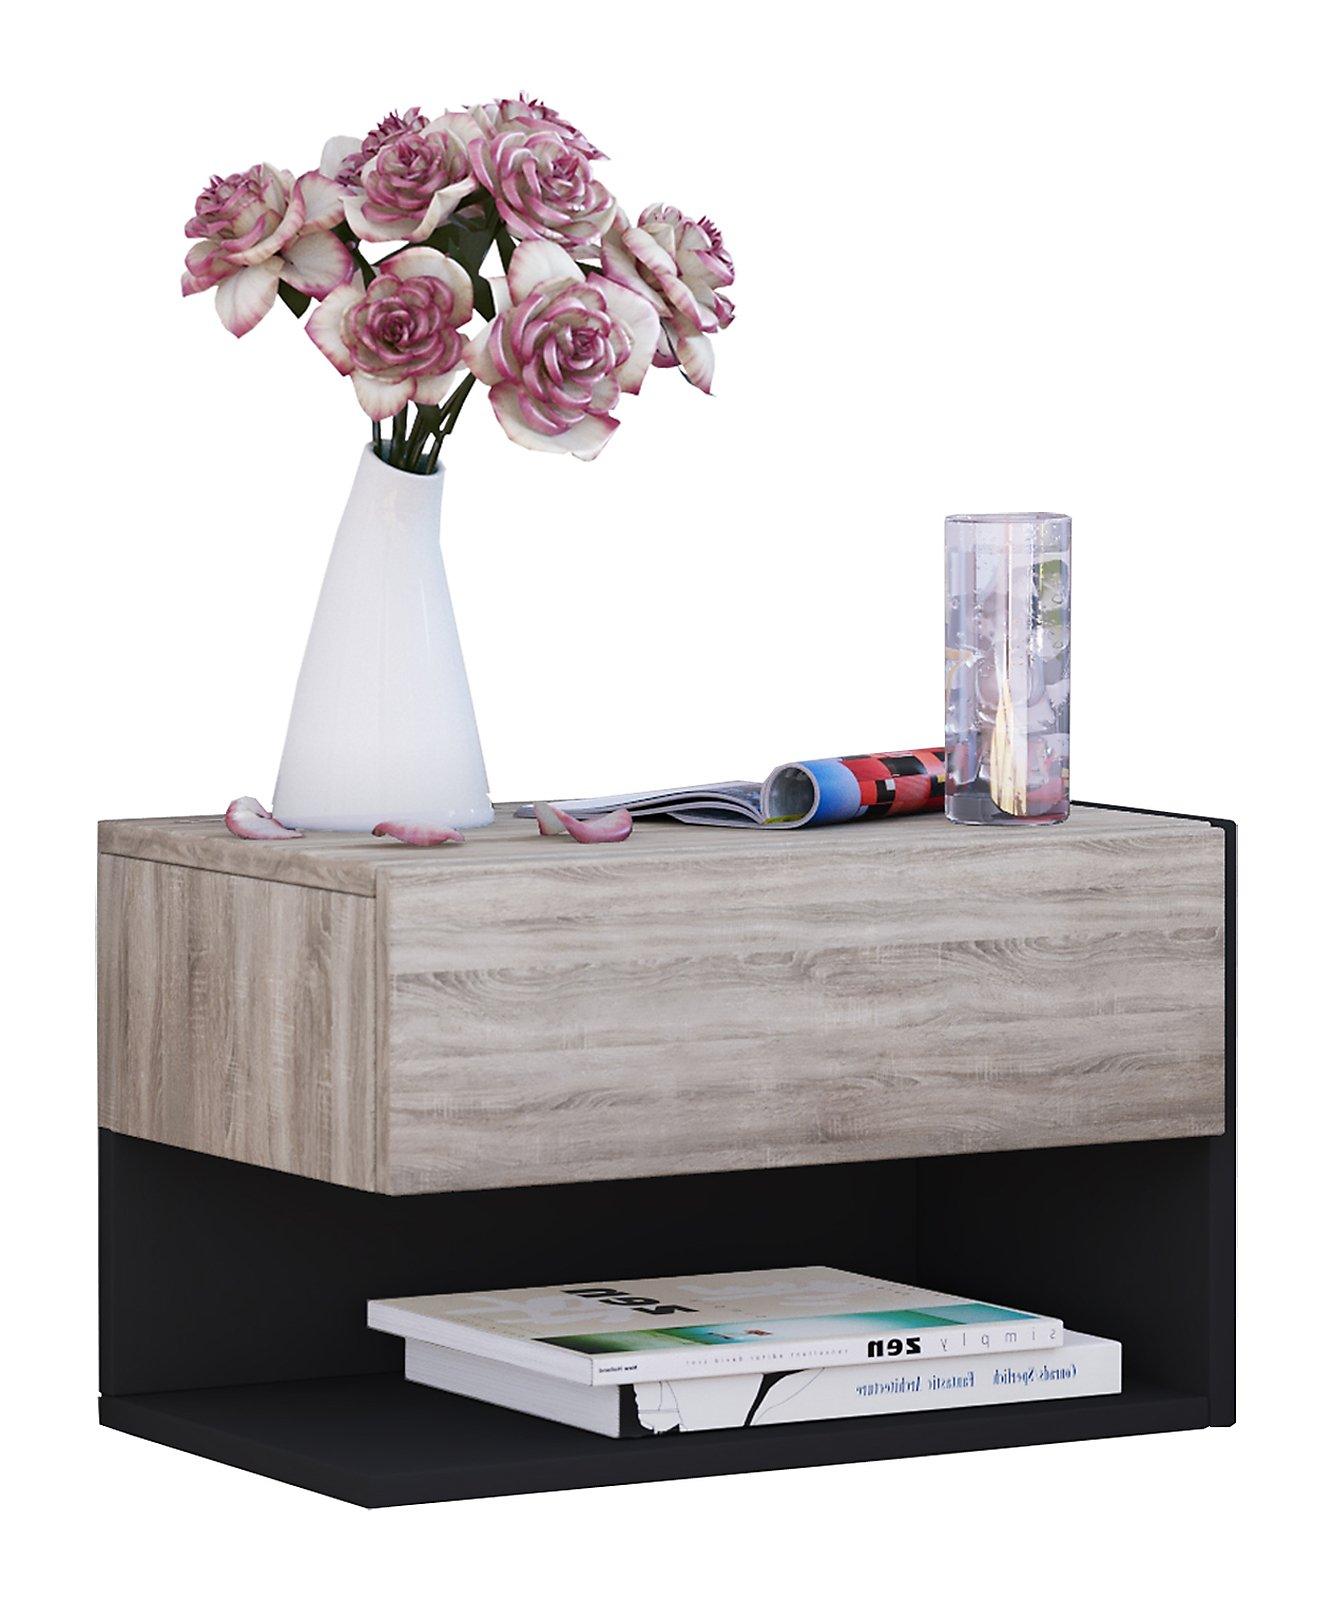 vcm wandschublade h ngeschrank wandregal mit schublade. Black Bedroom Furniture Sets. Home Design Ideas